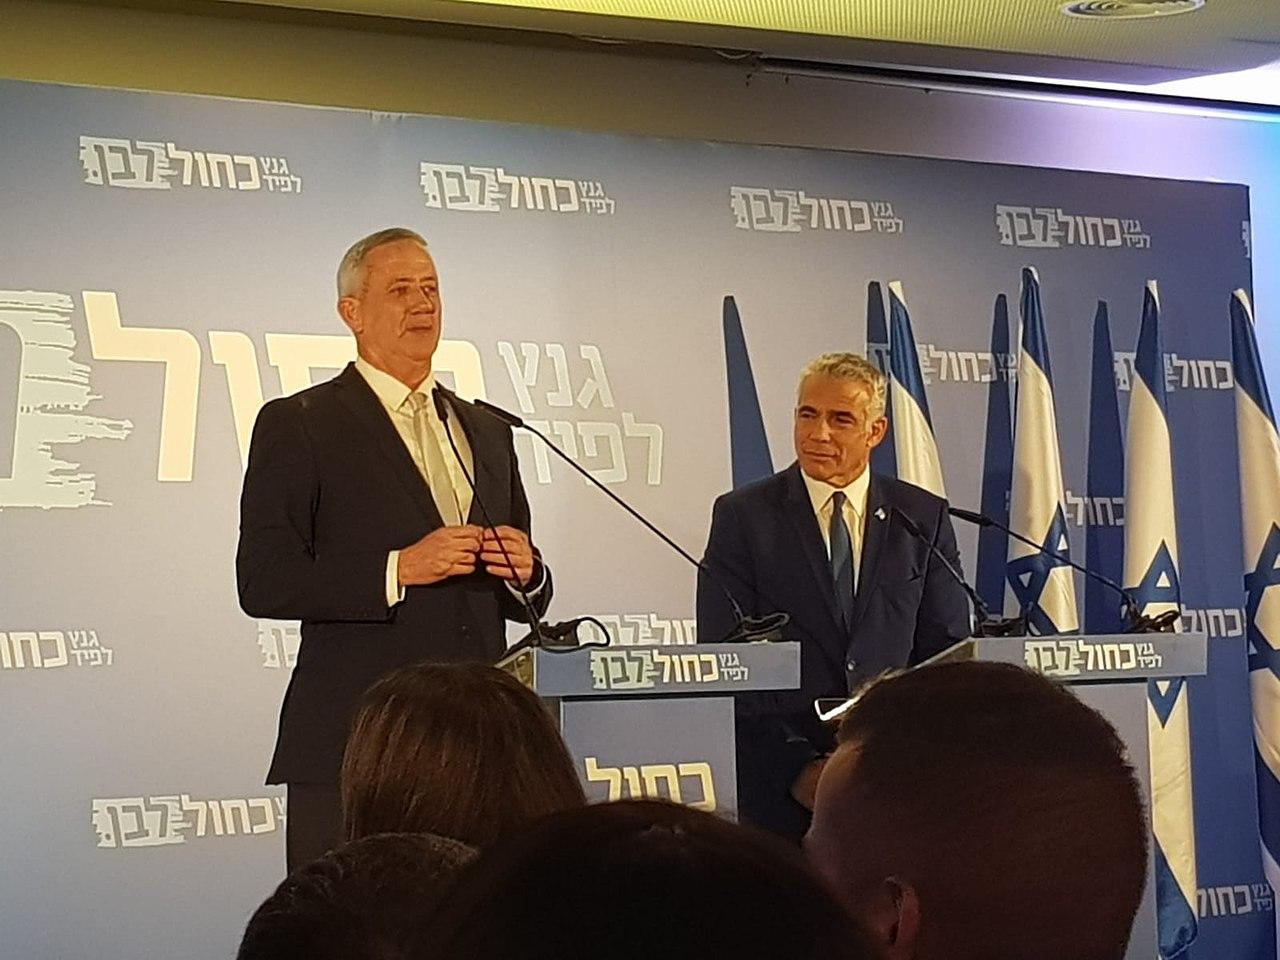 Na zdjęciu widniej dwóch liderów parti Nibiesko-Białych  Binjamin Gantz i Jair Lapid